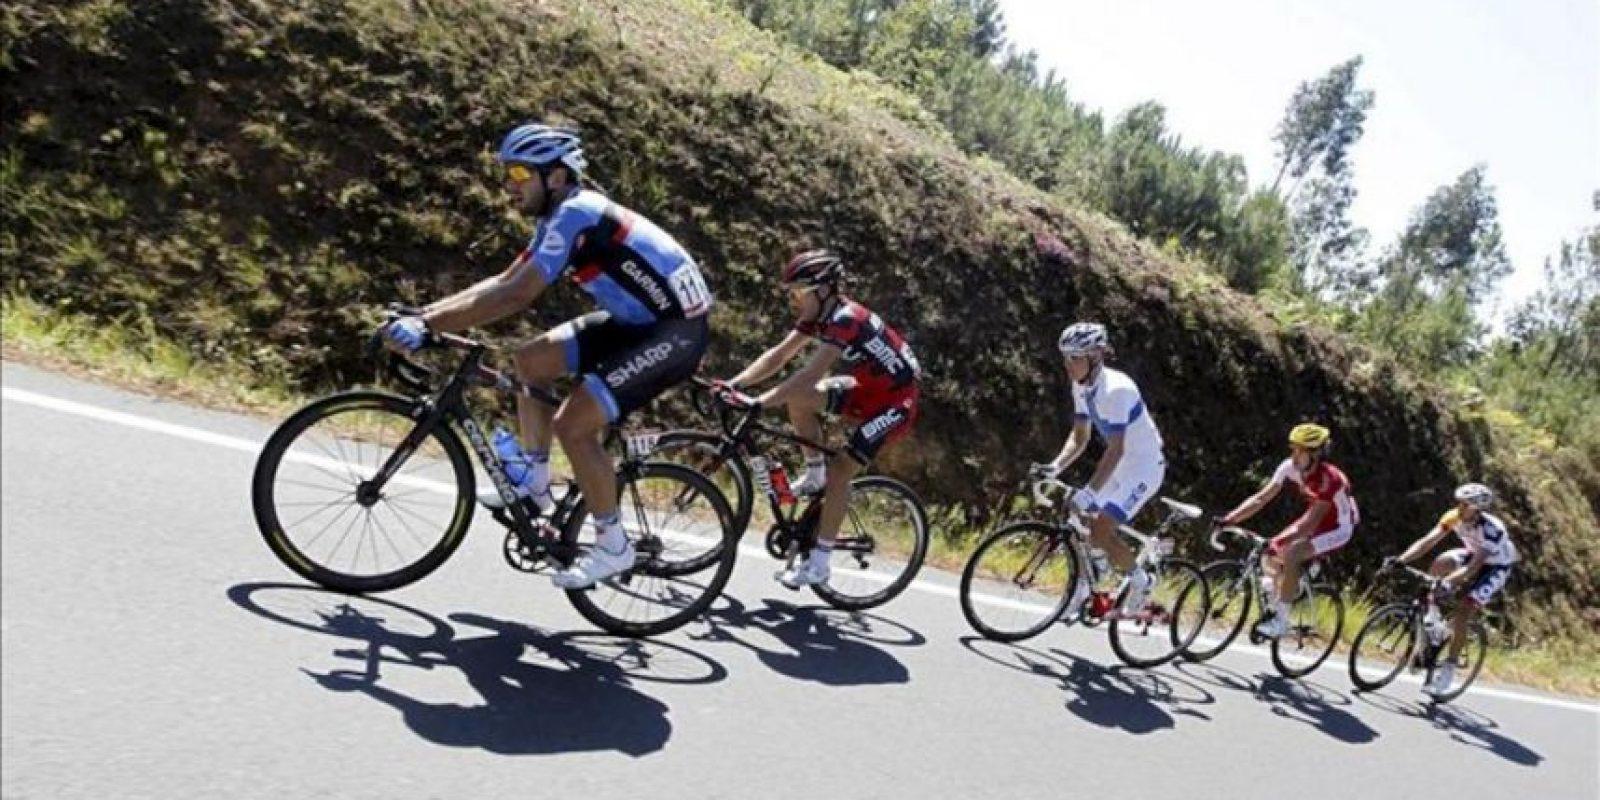 El ciclista danés del Garmin, Alex Rasmussen (i) lidera un grupo de escapados durante el inicio de la cuarta etapa de la Vuelta a España 2013 entre las localidades de Lalín (Pontevedra) y Fisterra (A Coruña), de 186,4 kilómetros. EFE